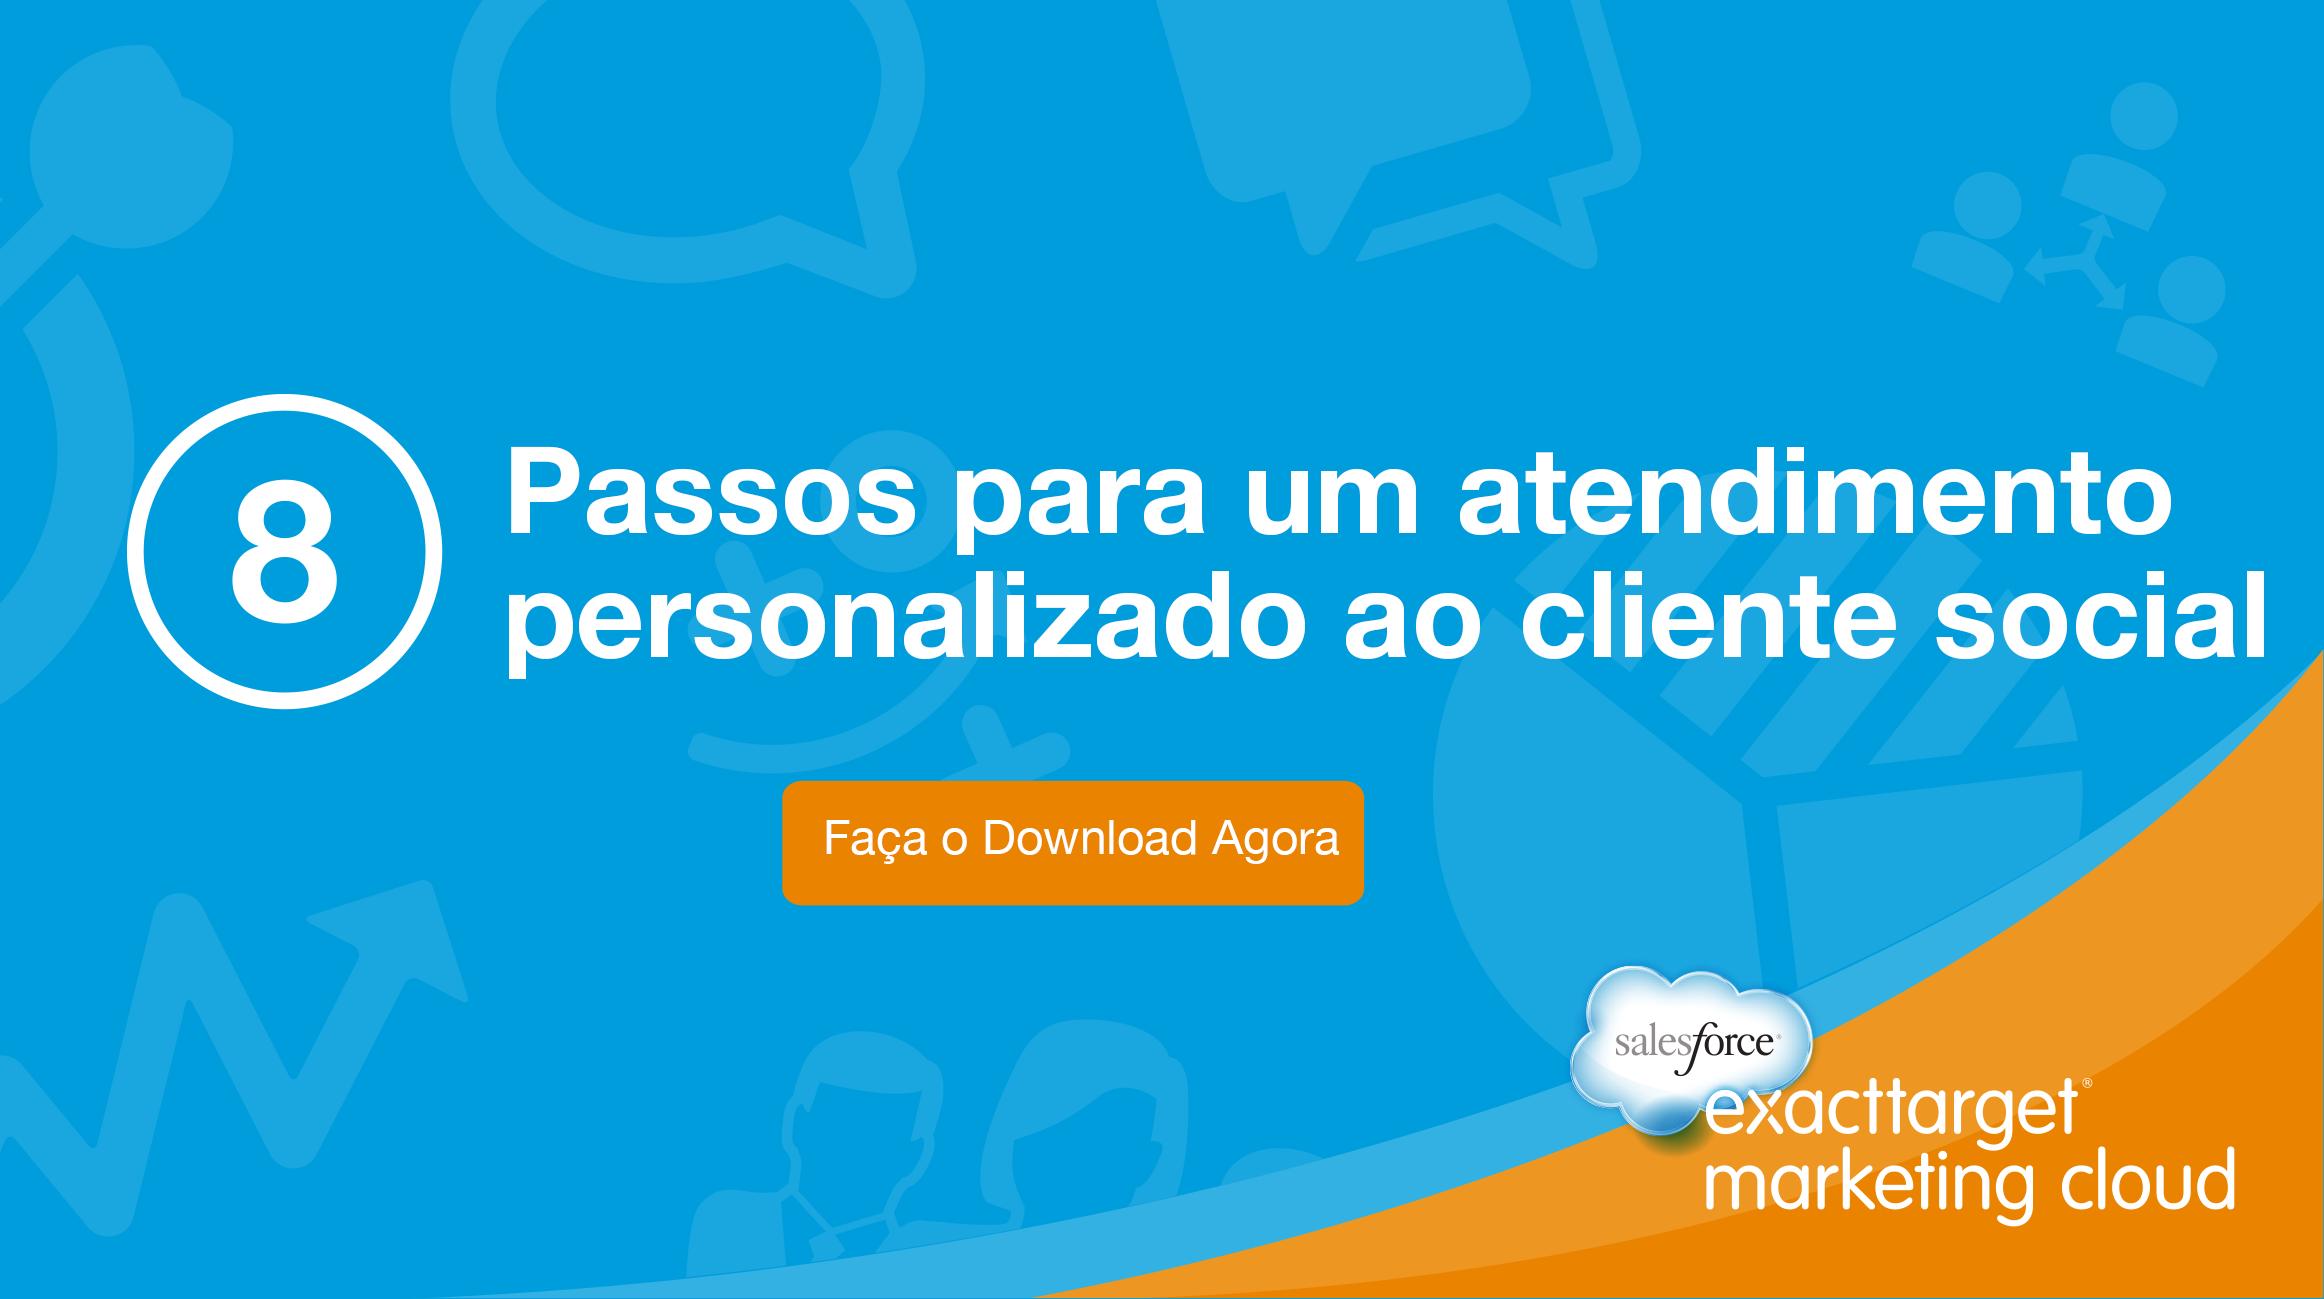 8-Passos-para-um-atendimento-personalizado-de-seu-cliente-via-midias-sociais